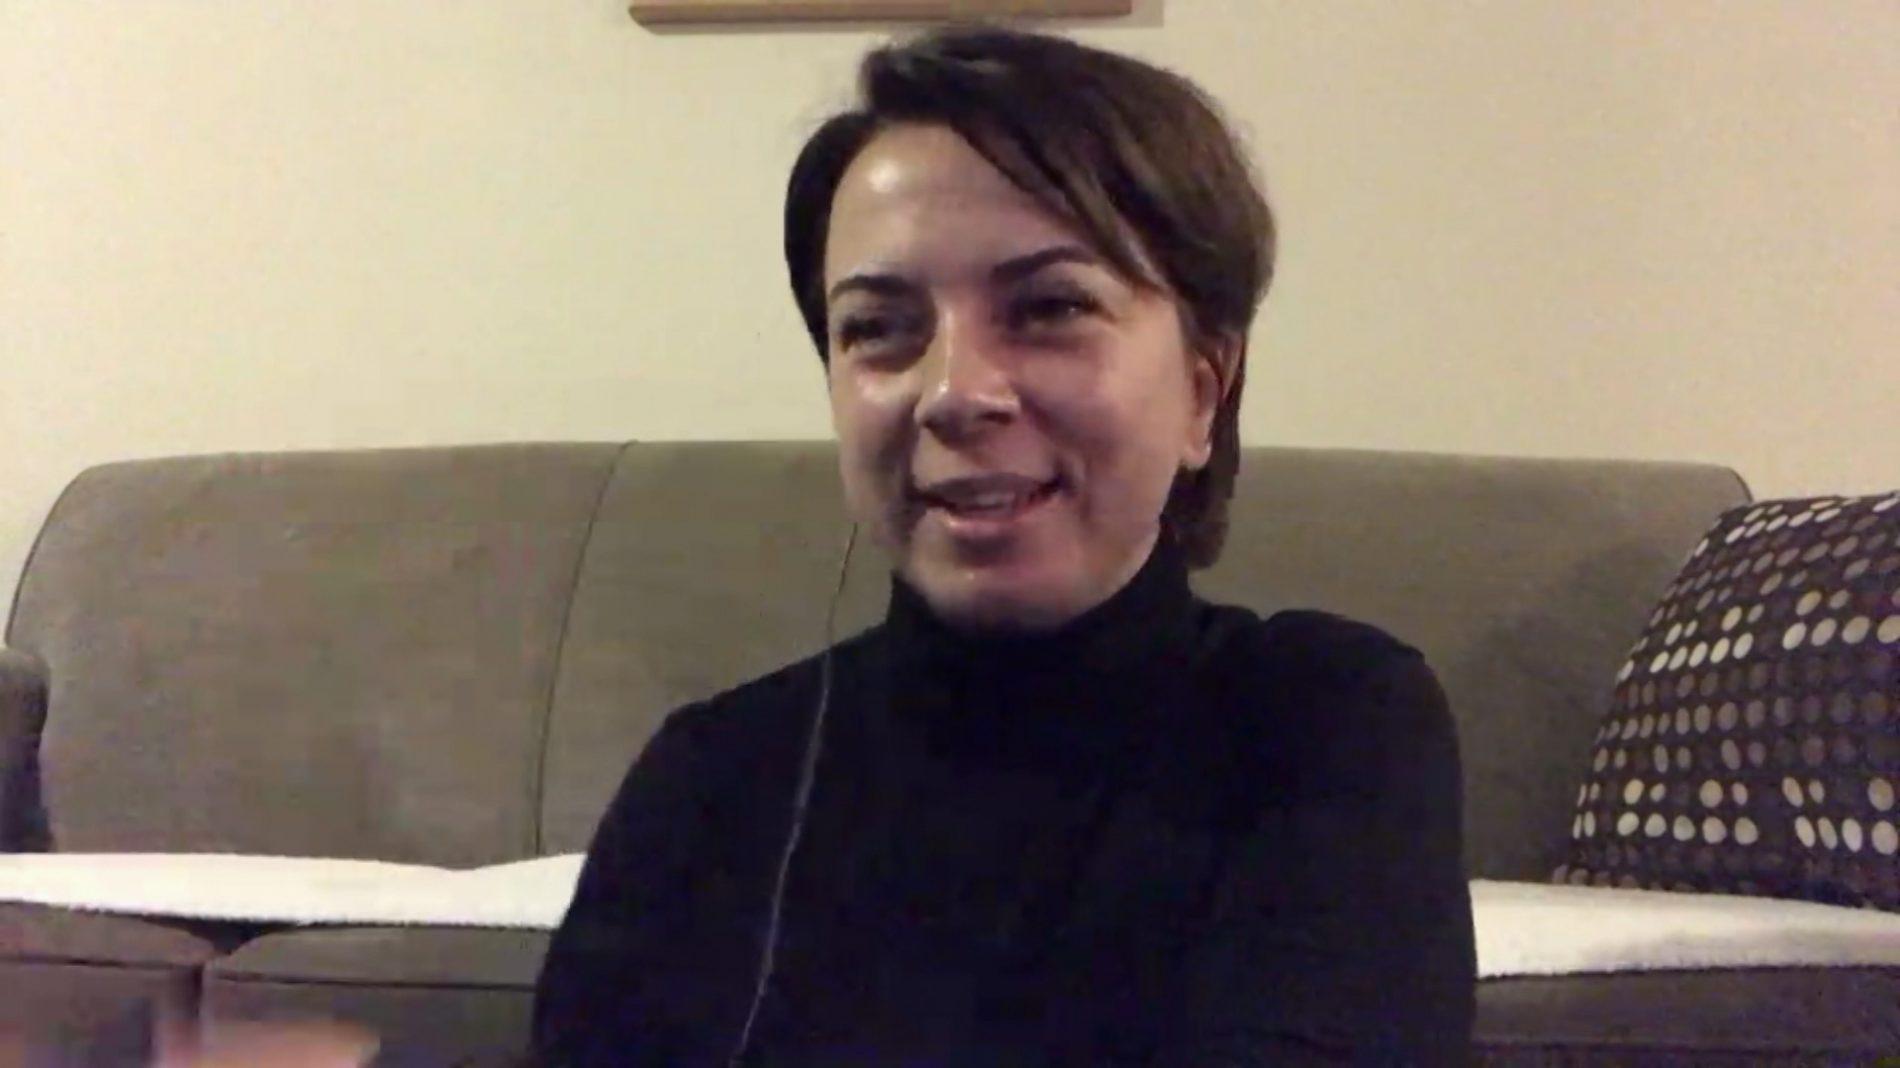 Nađa Memić, od logora u Kalinoviku do inženjerke u Coloradu: Vratila bih se u Bosnu i Hercegovinu